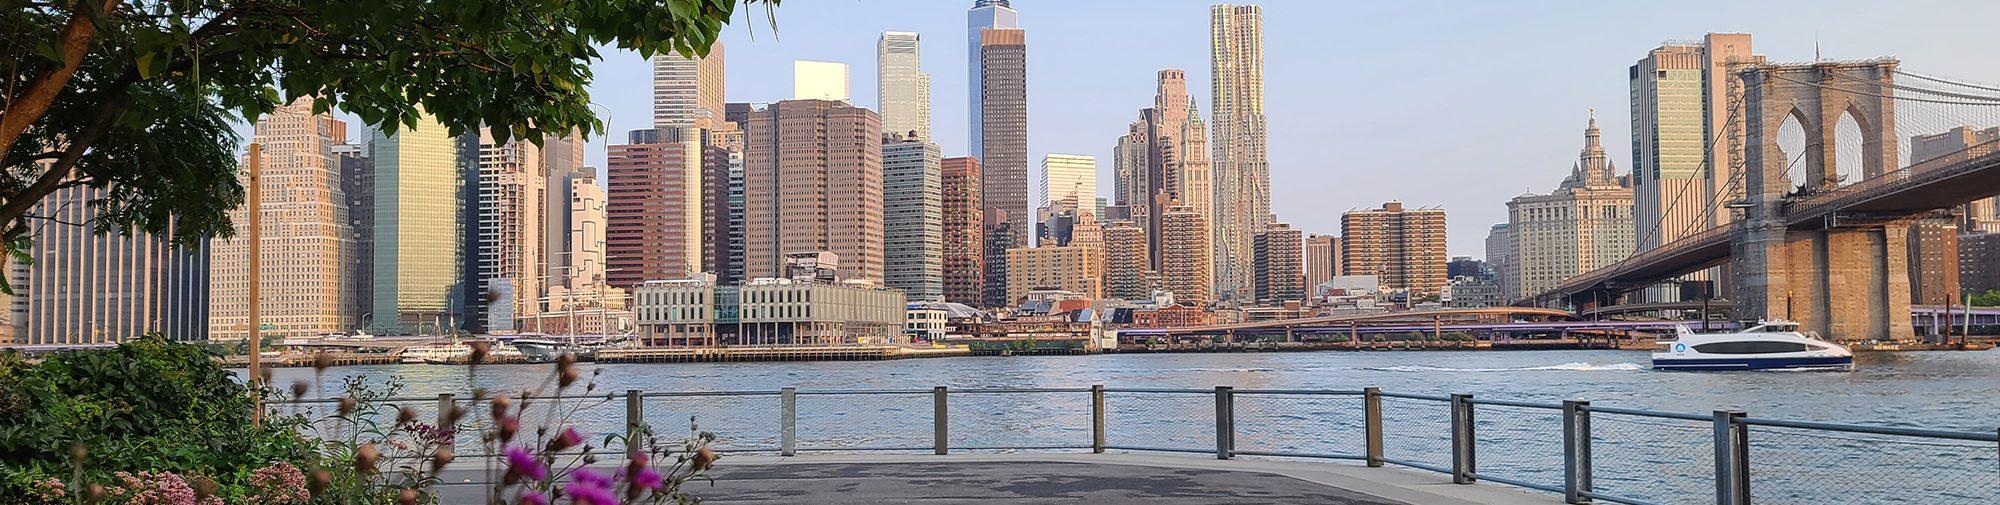 Manhattan NYC view in summer 2021